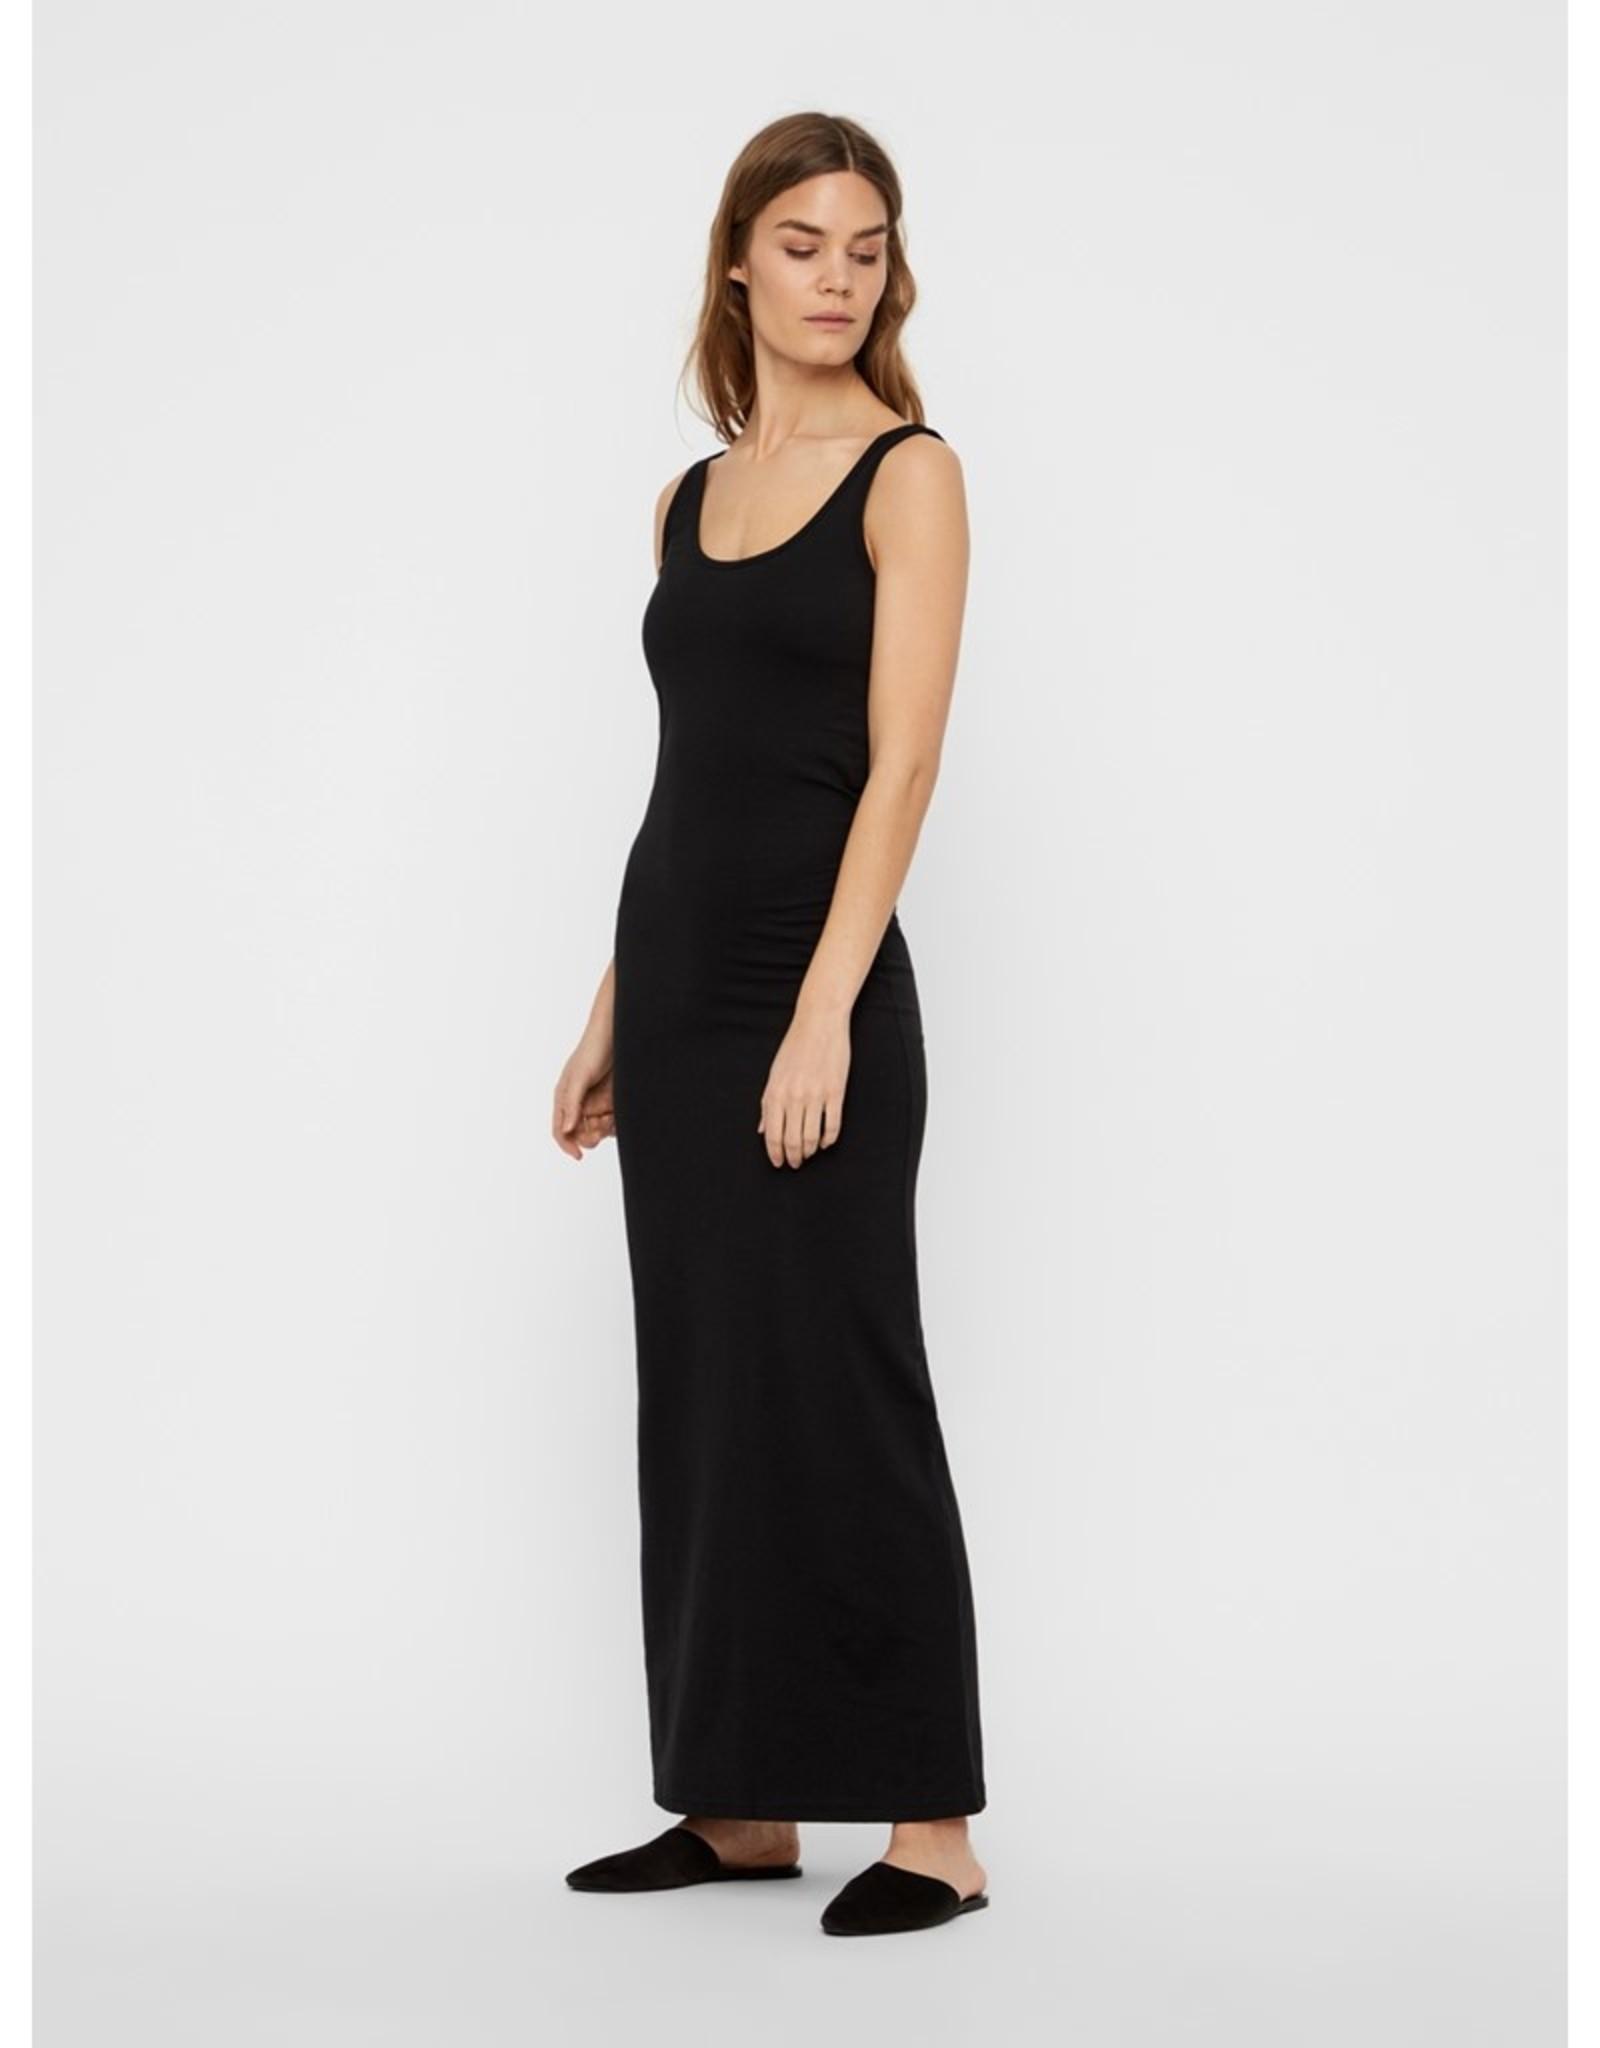 Vero Moda Nanna Dress